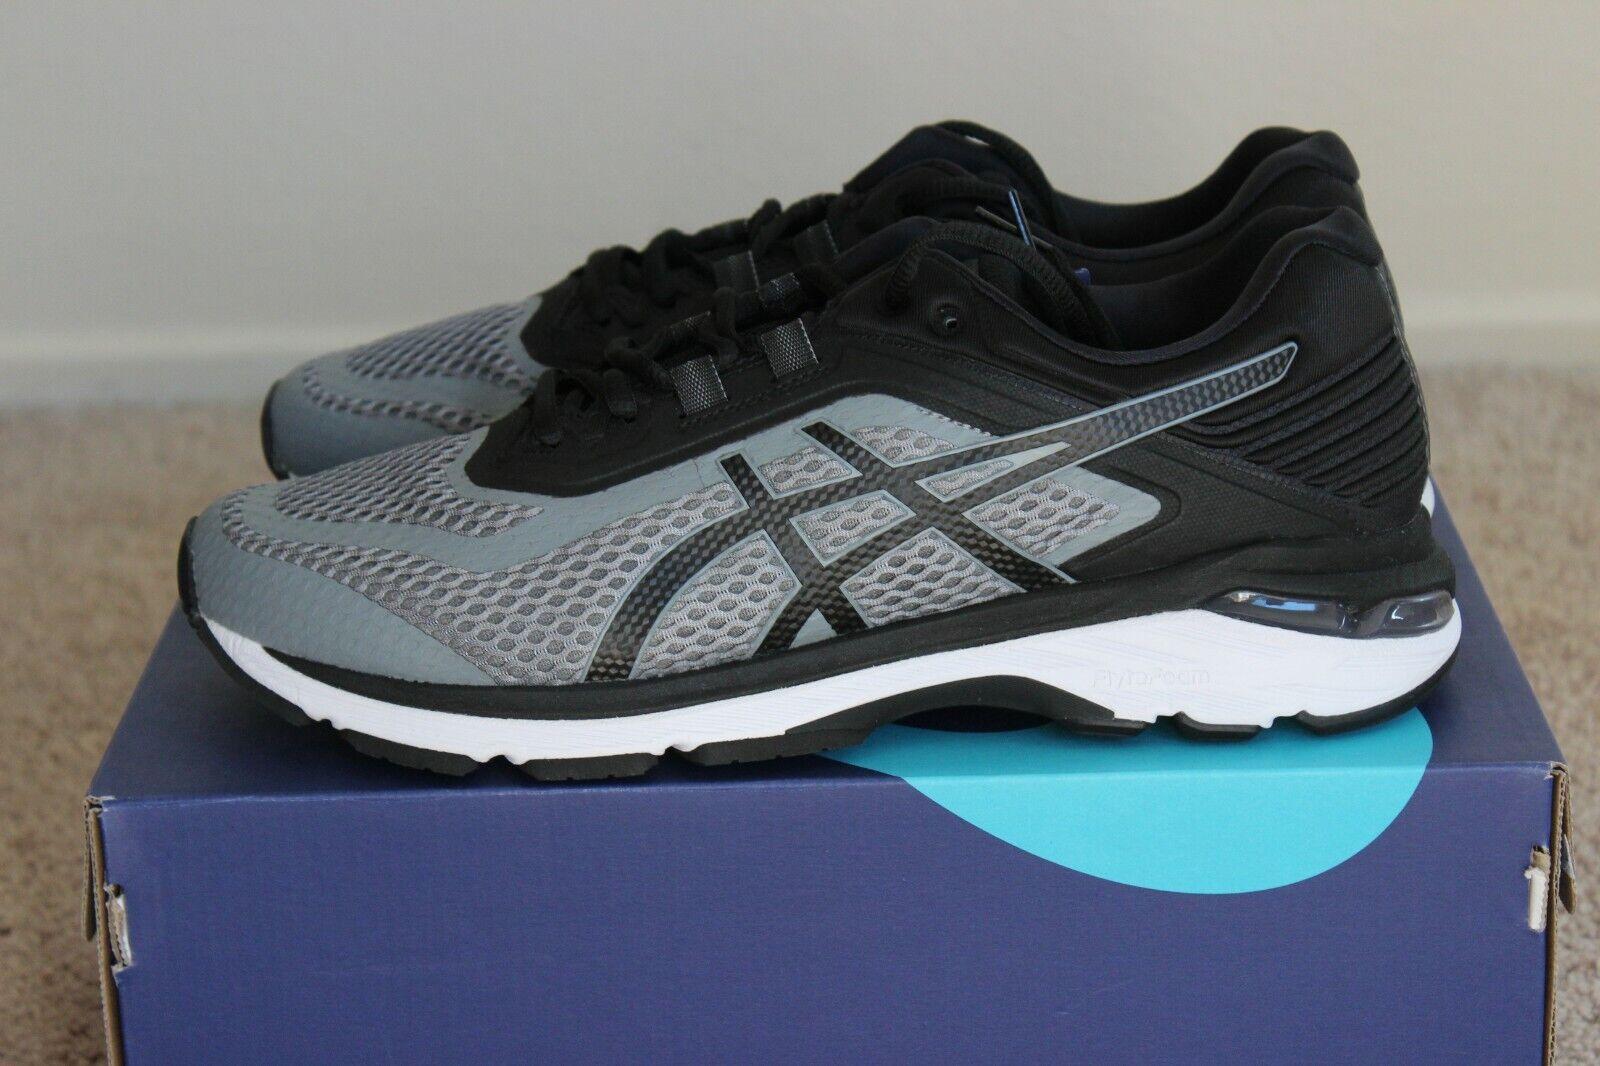 ASICS GT-2000 6 para hombres Zapatos tenis De Correr gris Negro blancoo